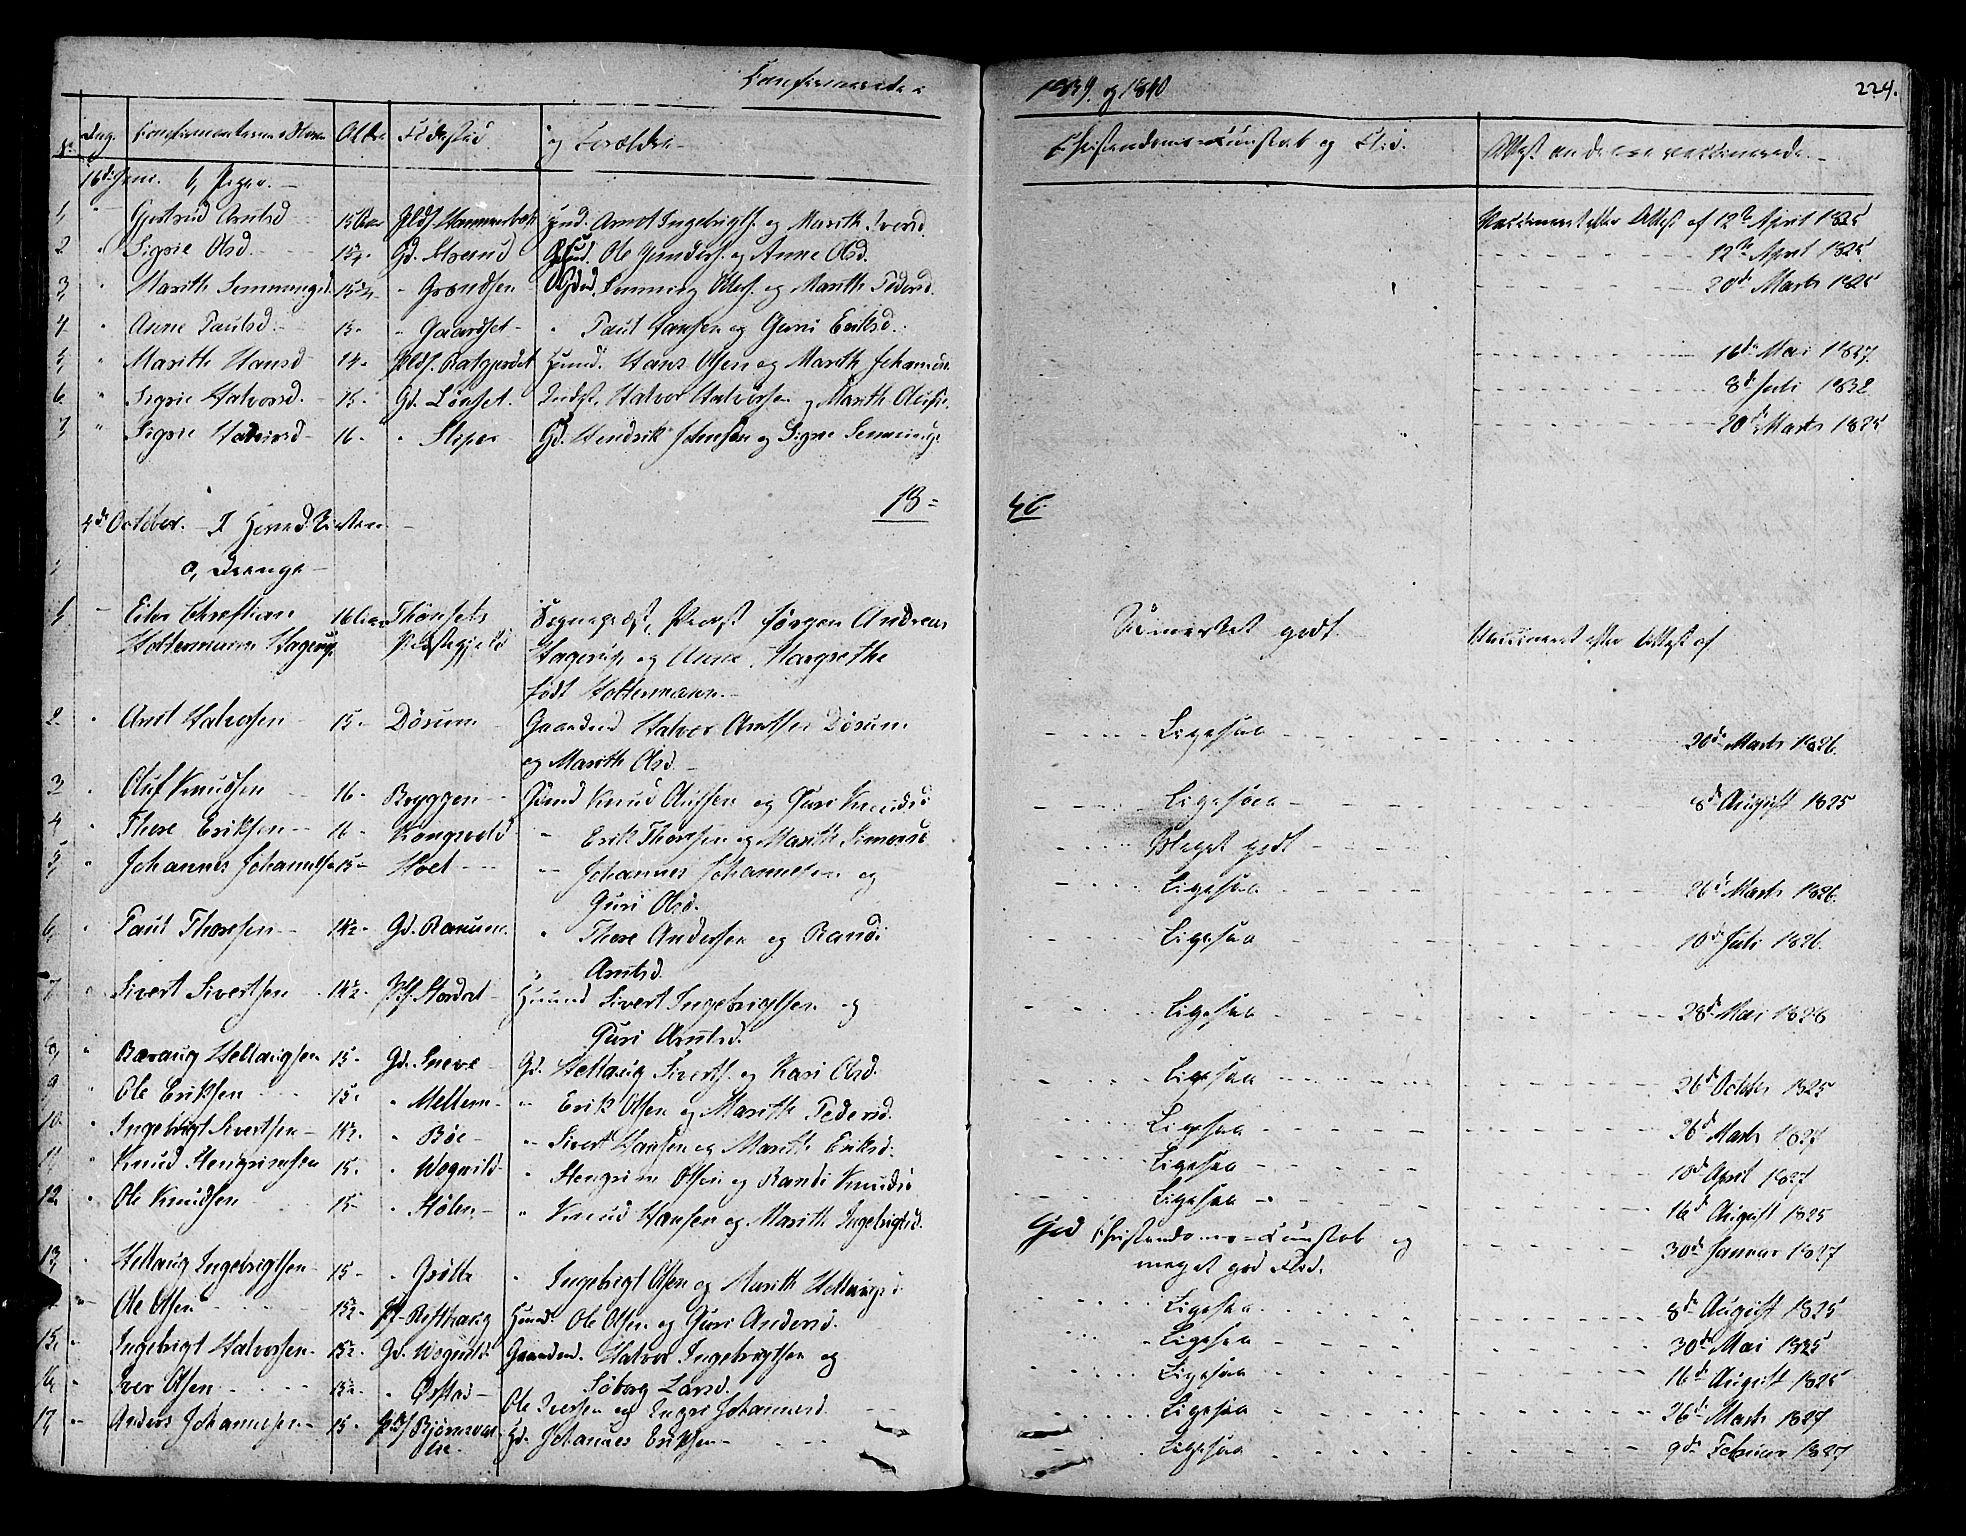 SAT, Ministerialprotokoller, klokkerbøker og fødselsregistre - Sør-Trøndelag, 678/L0897: Ministerialbok nr. 678A06-07, 1821-1847, s. 229